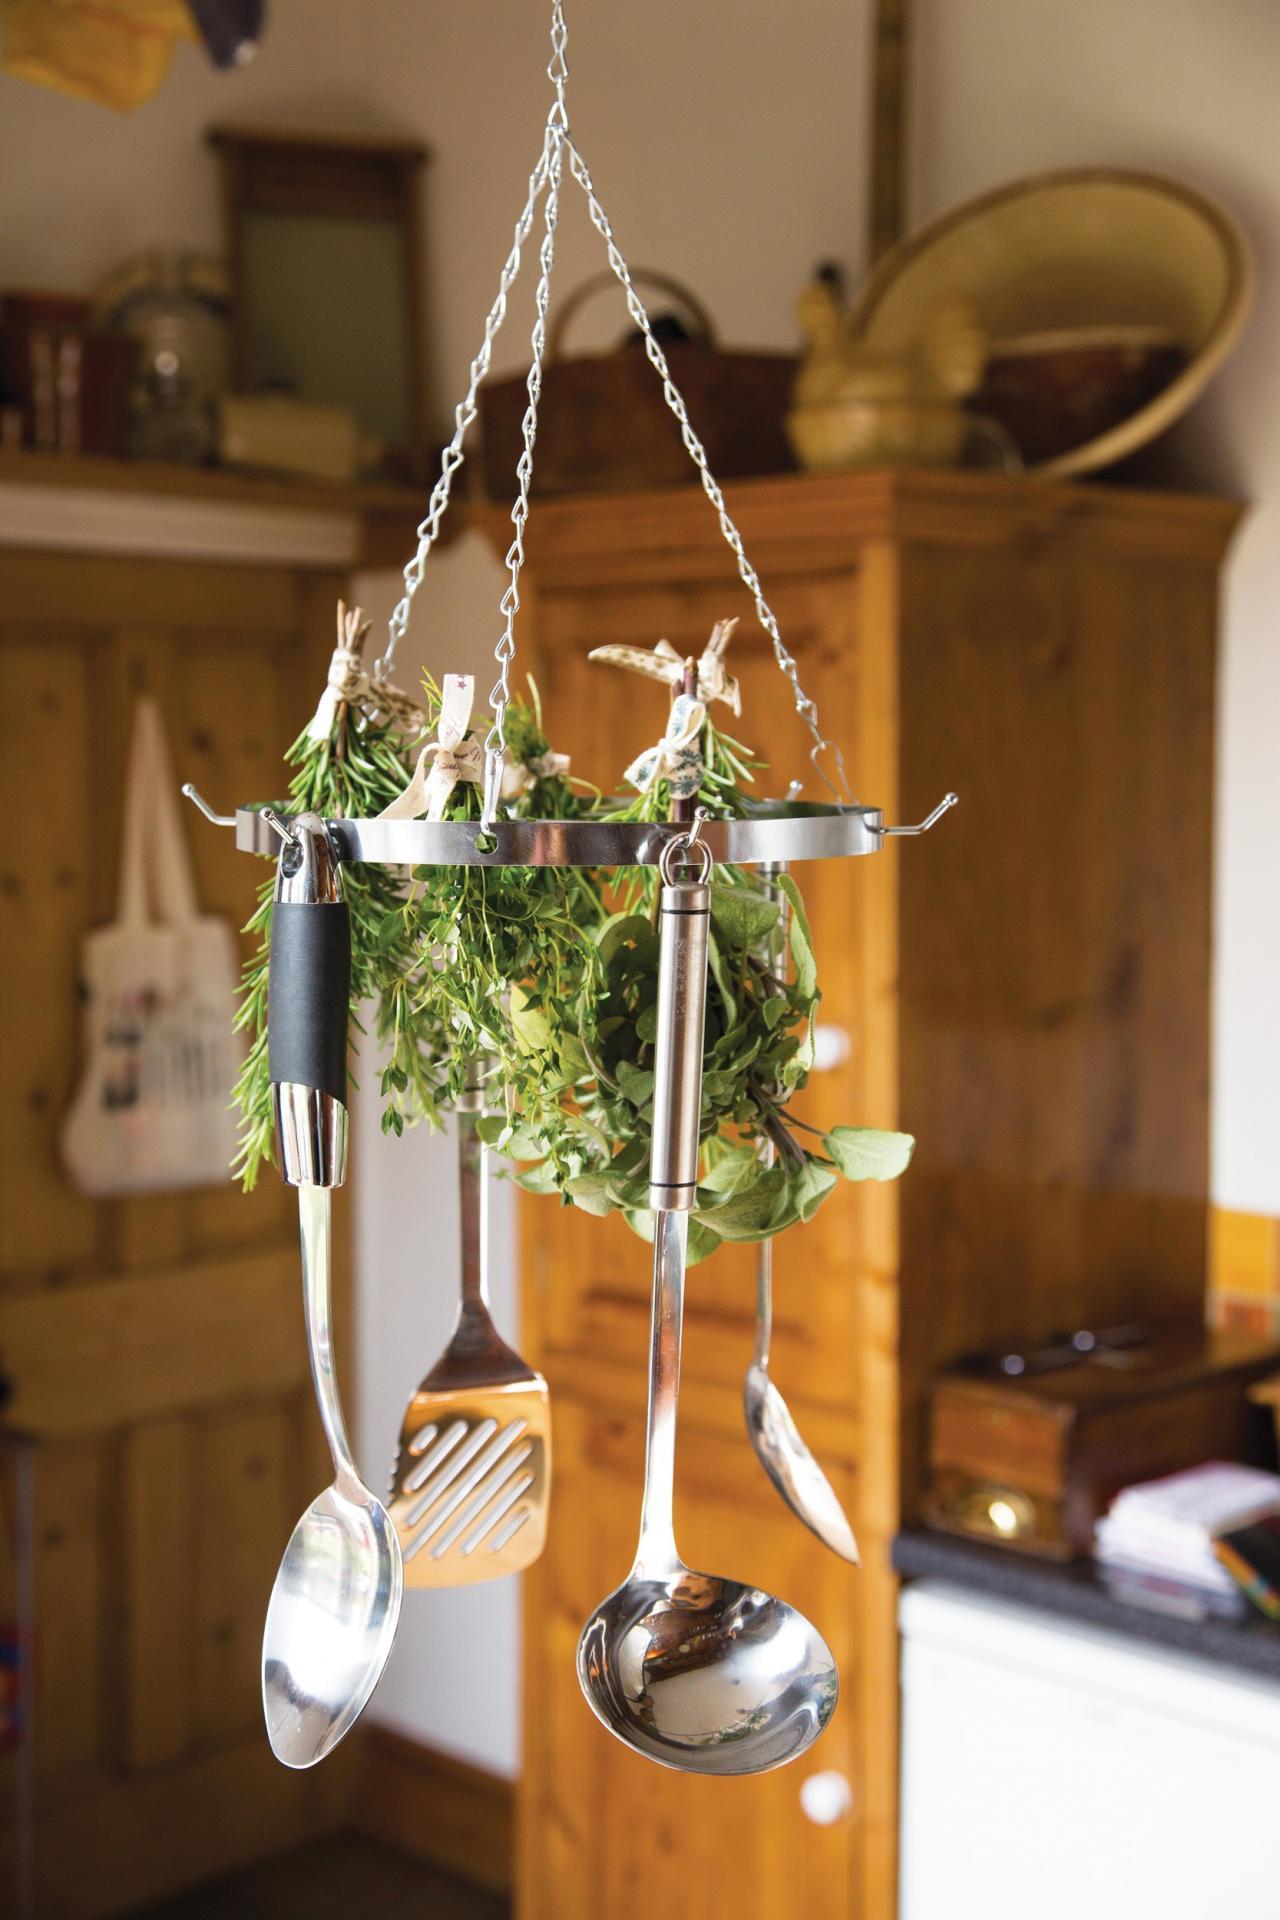 Kitchen Craft Kuchyňský věšák na náčiní/bylinky Chrome, stříbrná barva, kov